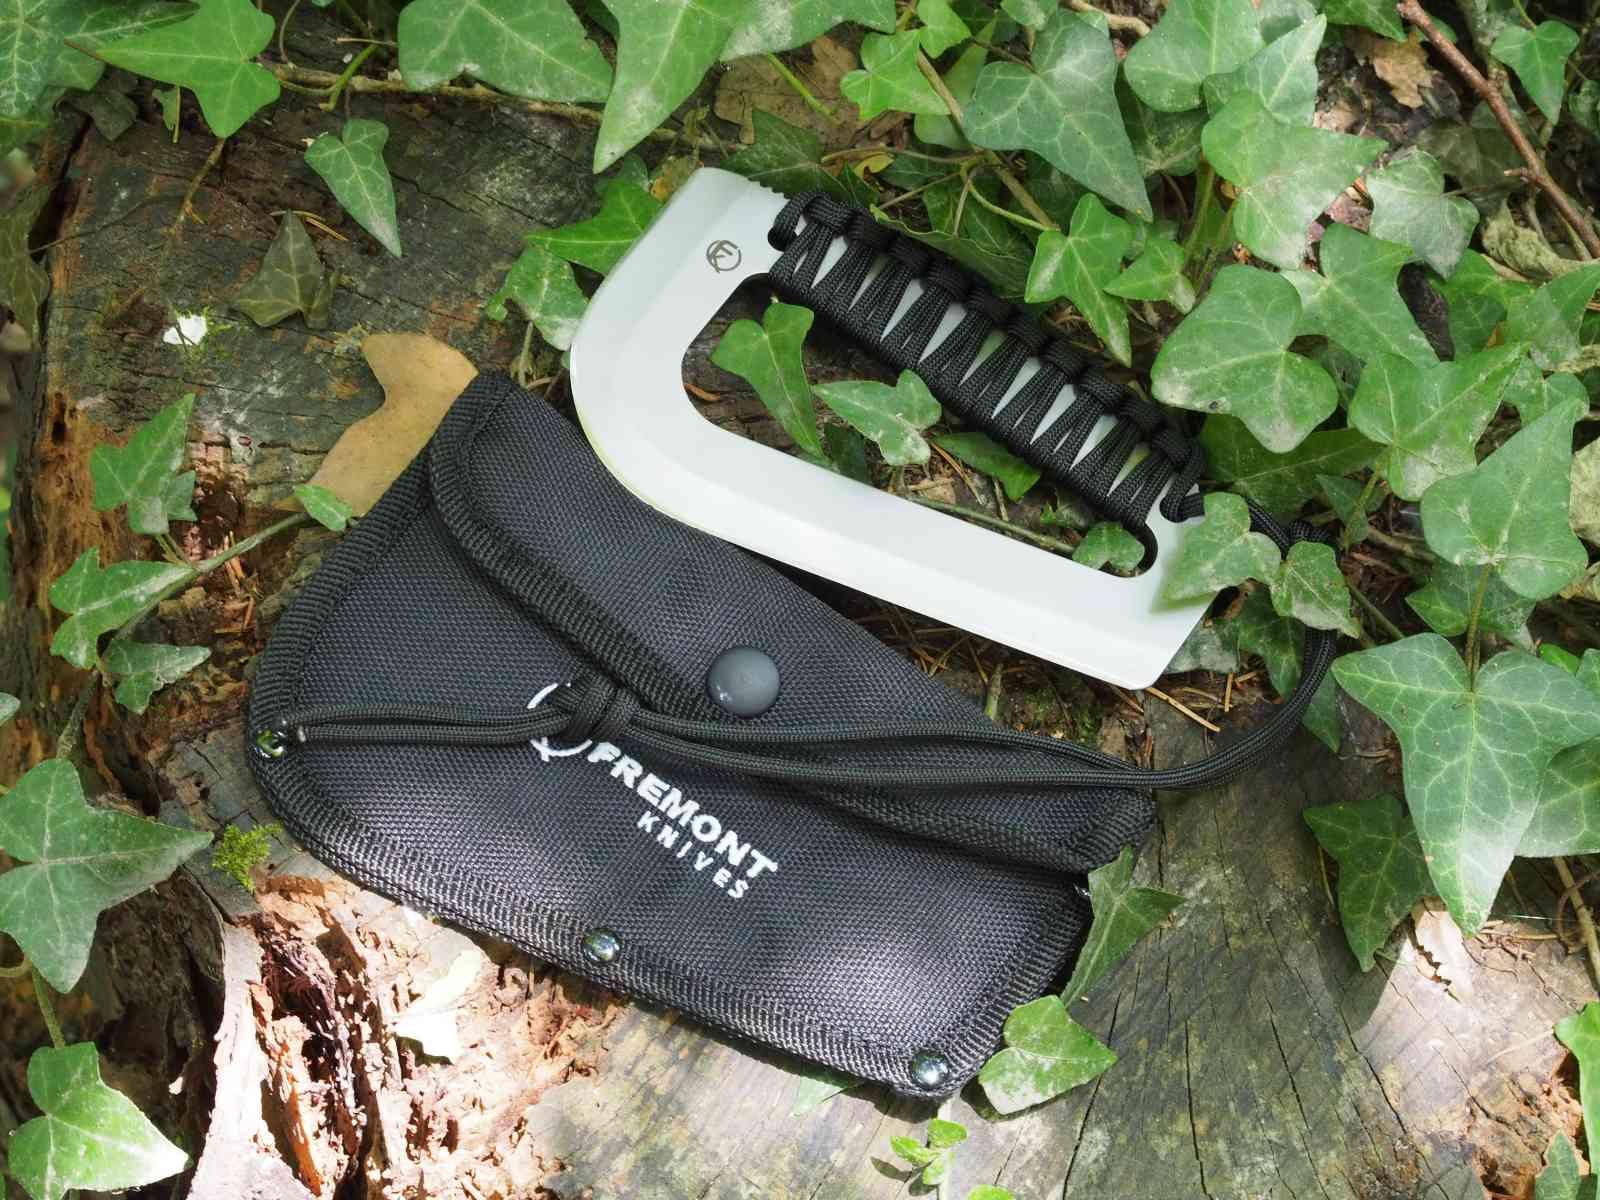 Fremont Farson Blade Survival Tool und Nylonscheide